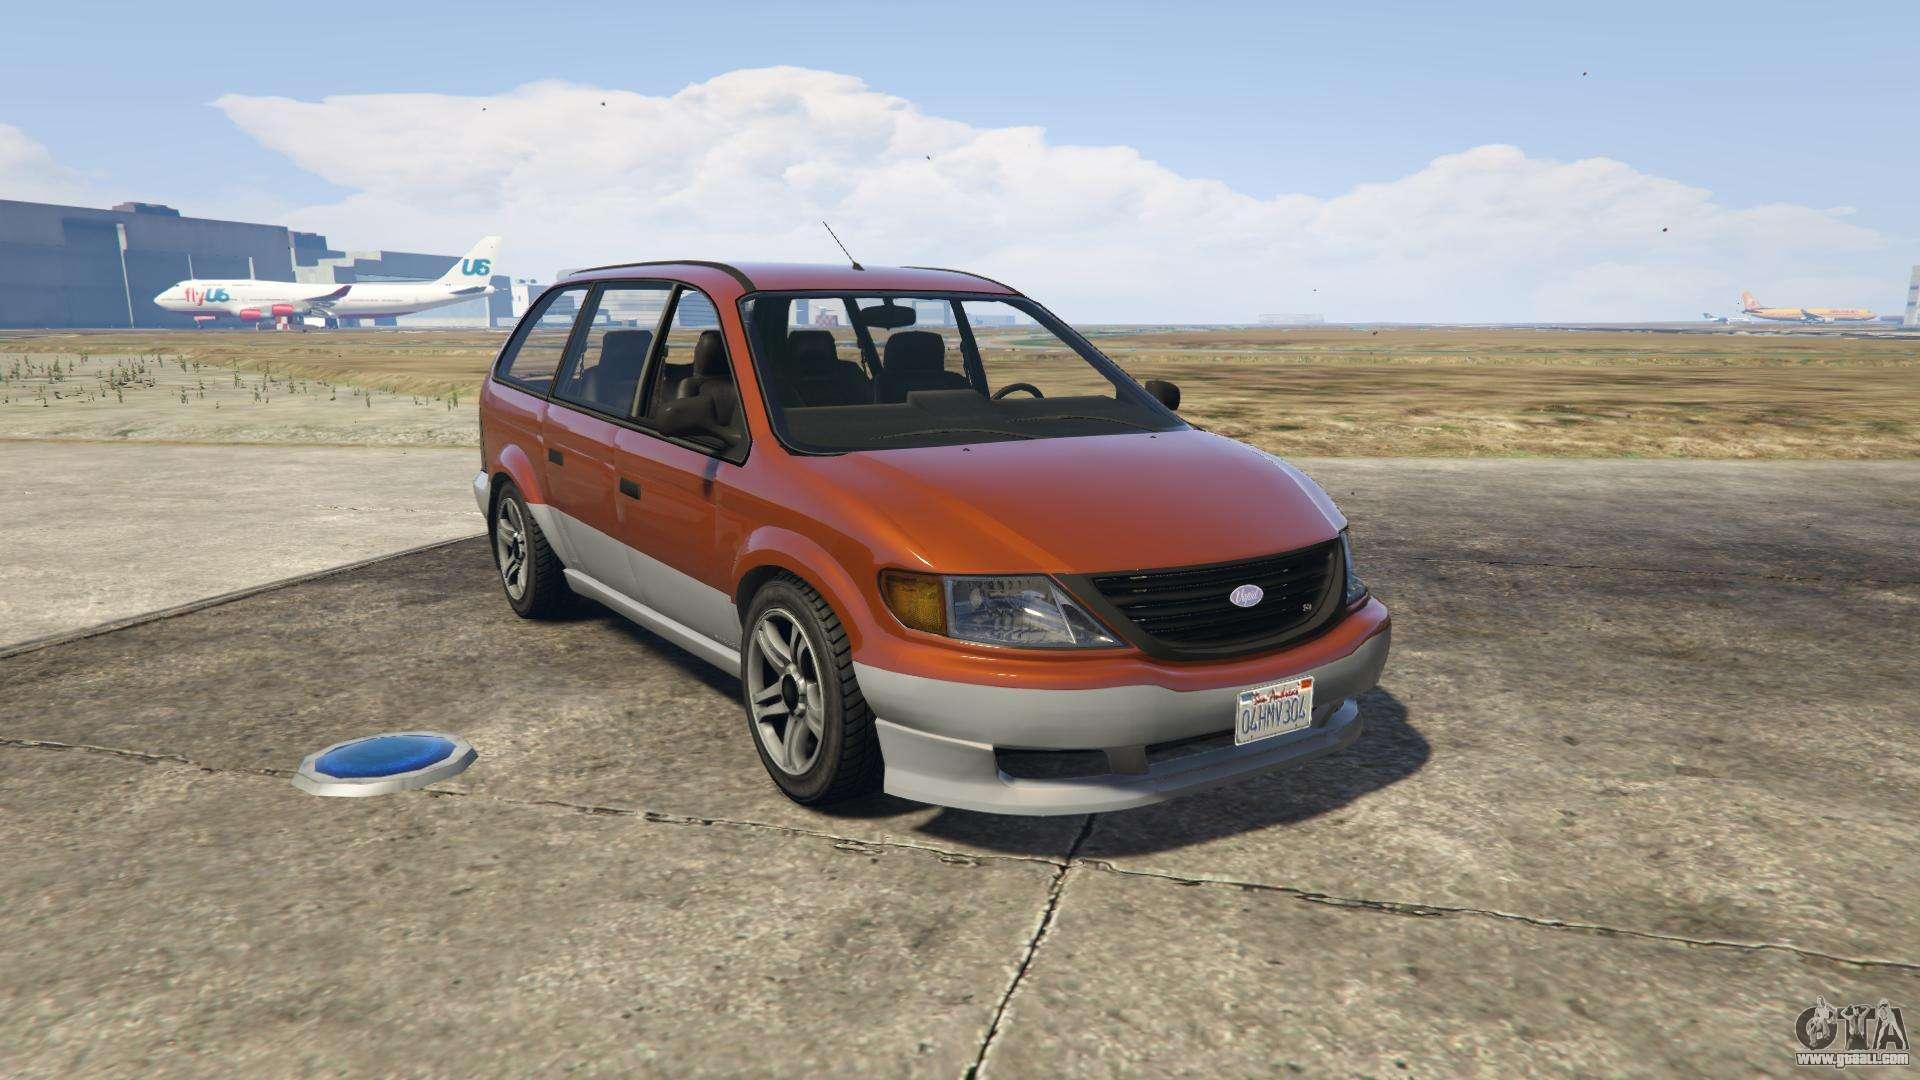 GTA 5 Vapid Minivan - front view